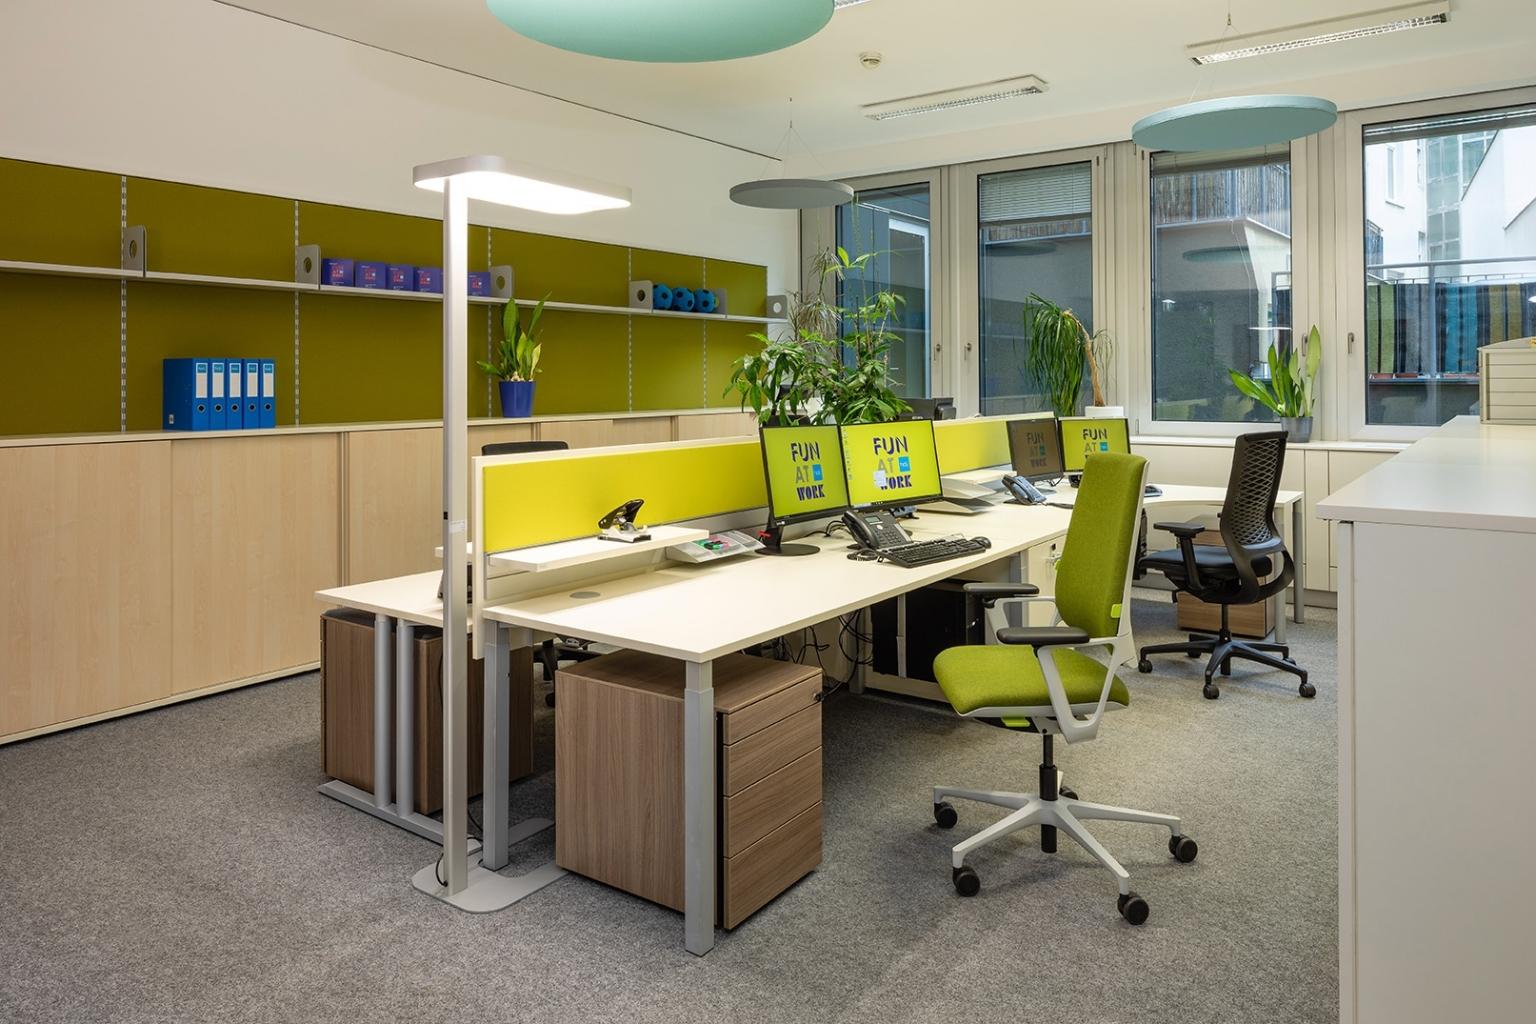 Open Space Office mit Sichtschutz mit Pinnwand in grün und Rollcontainer in Holzoptik.